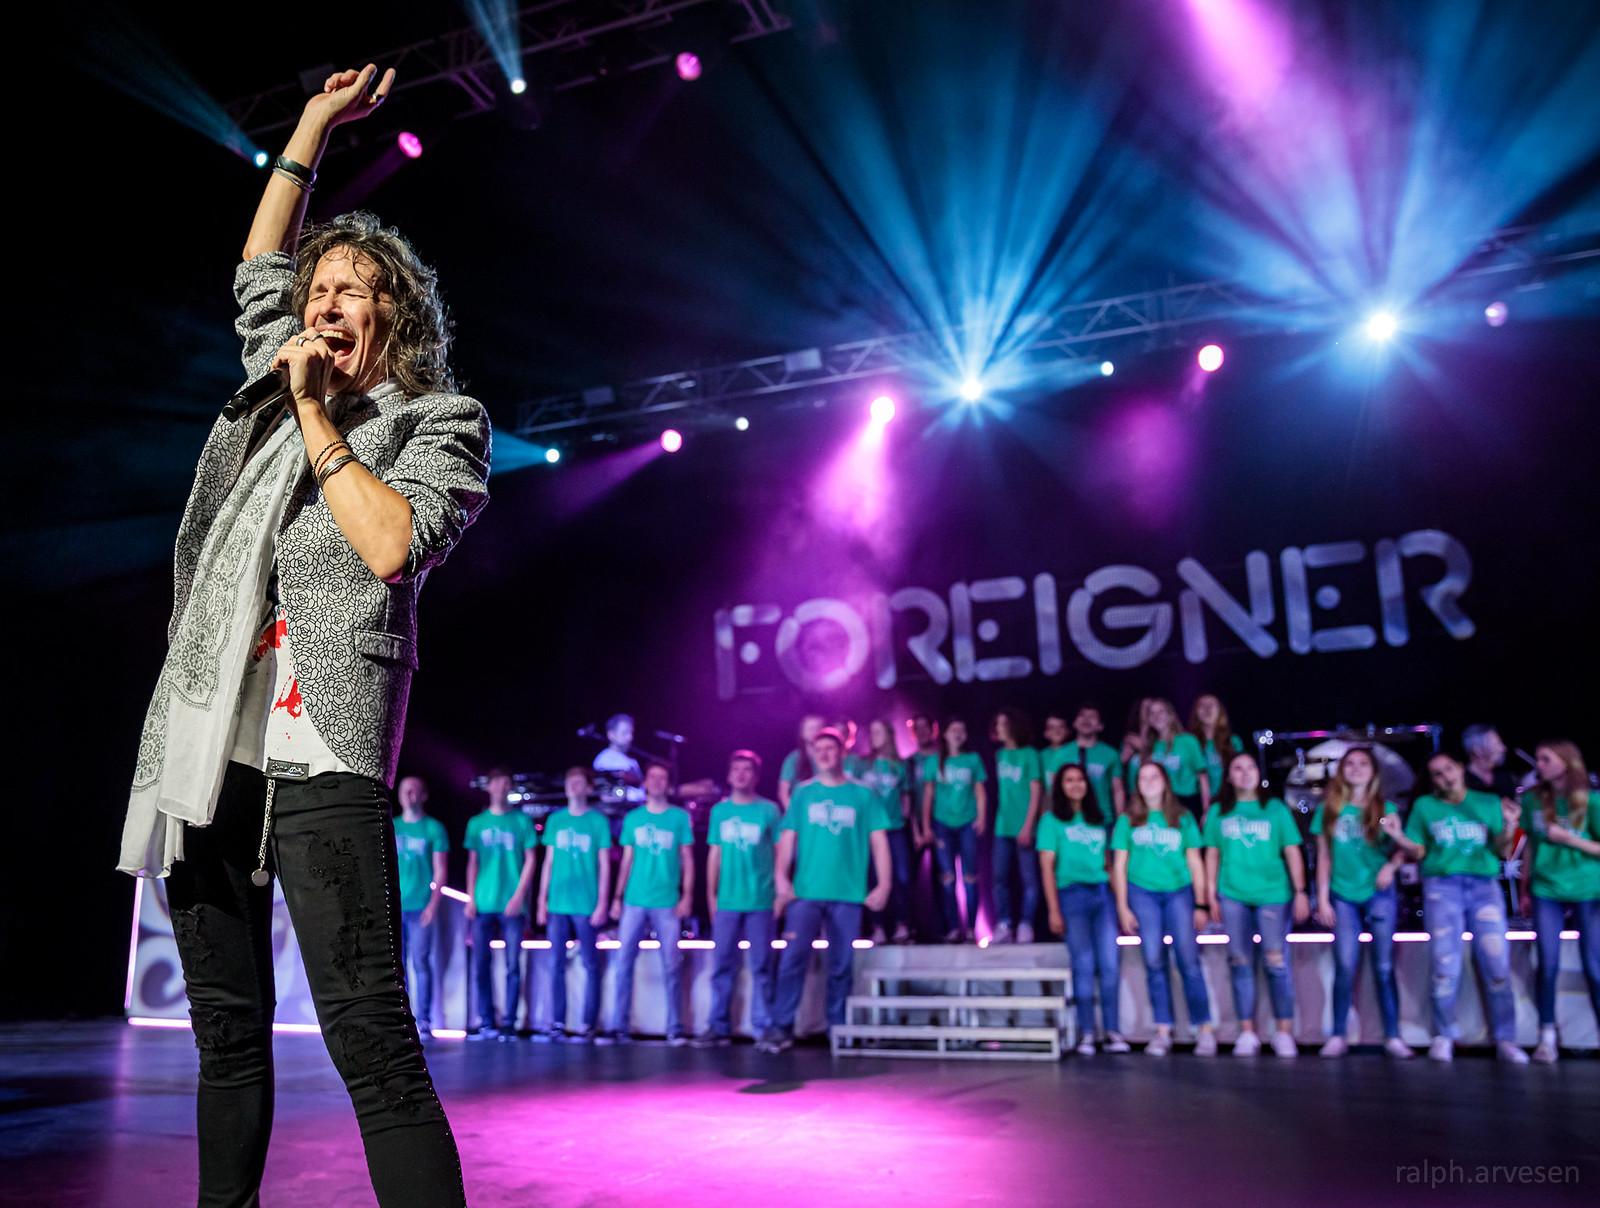 Foreigner | Texas Review | Ralph Arvesen